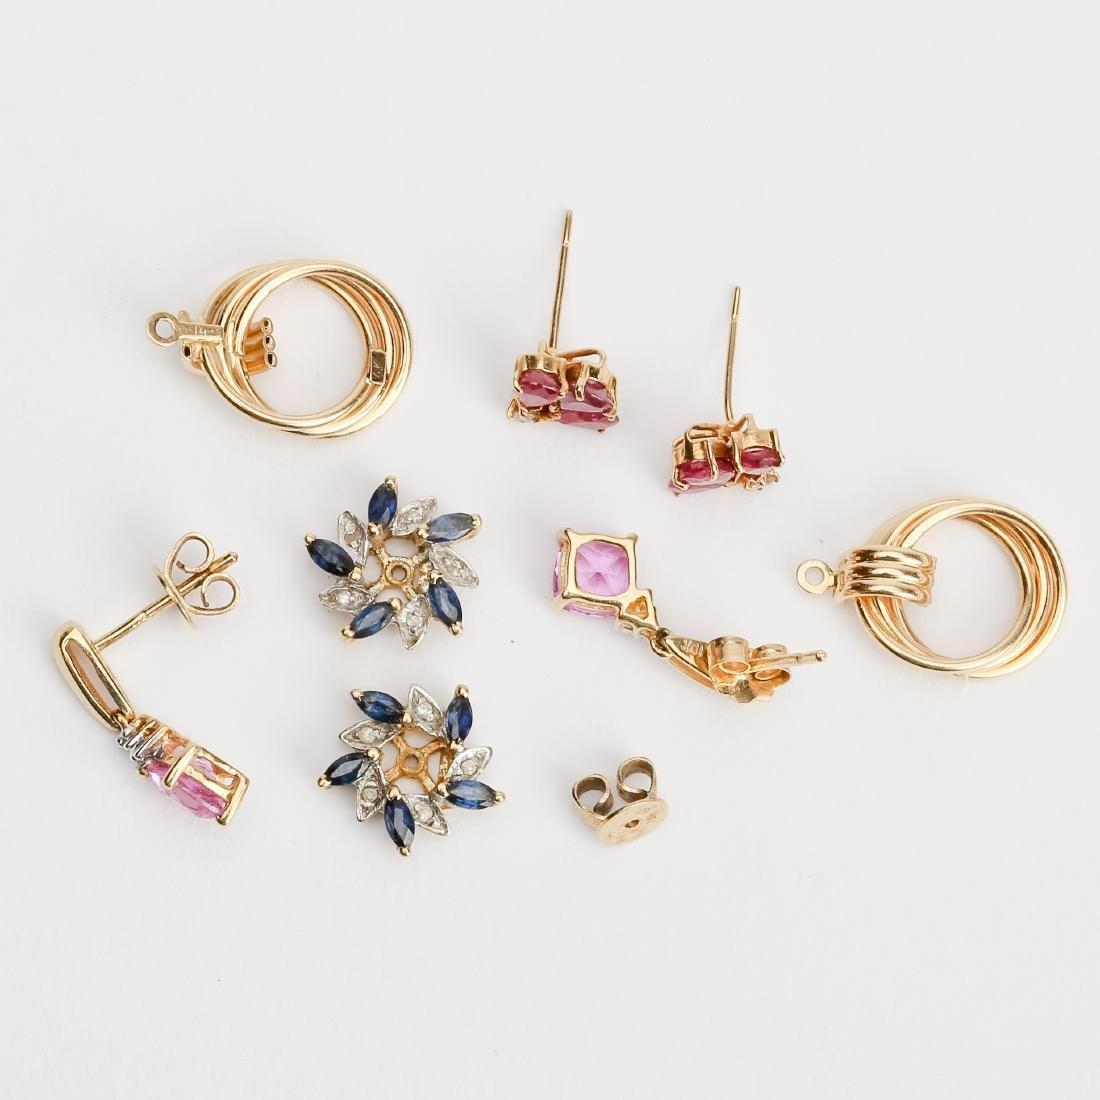 LOT GOLD EARRINGS & JACKETS DIAMOND / GEMSTONES